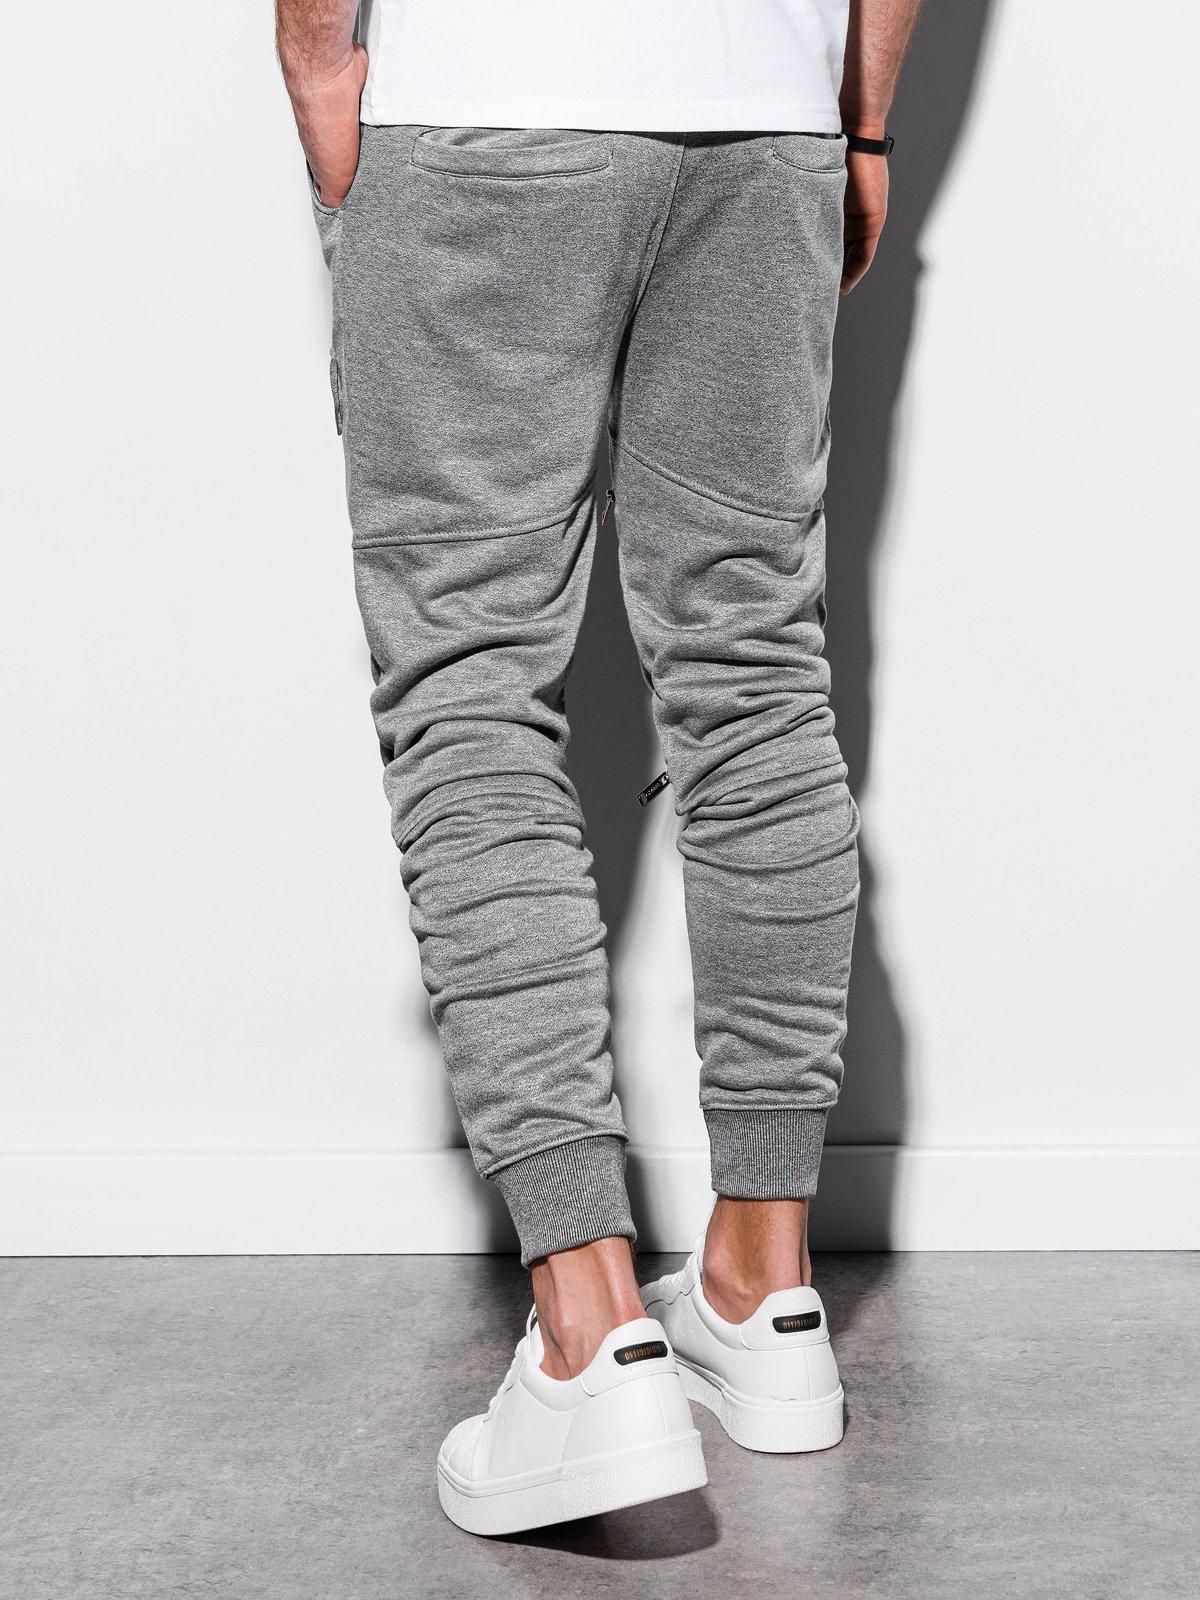 Купить Штани чоловічі спортивні P821 - темно-сірий, Ombre Clothing